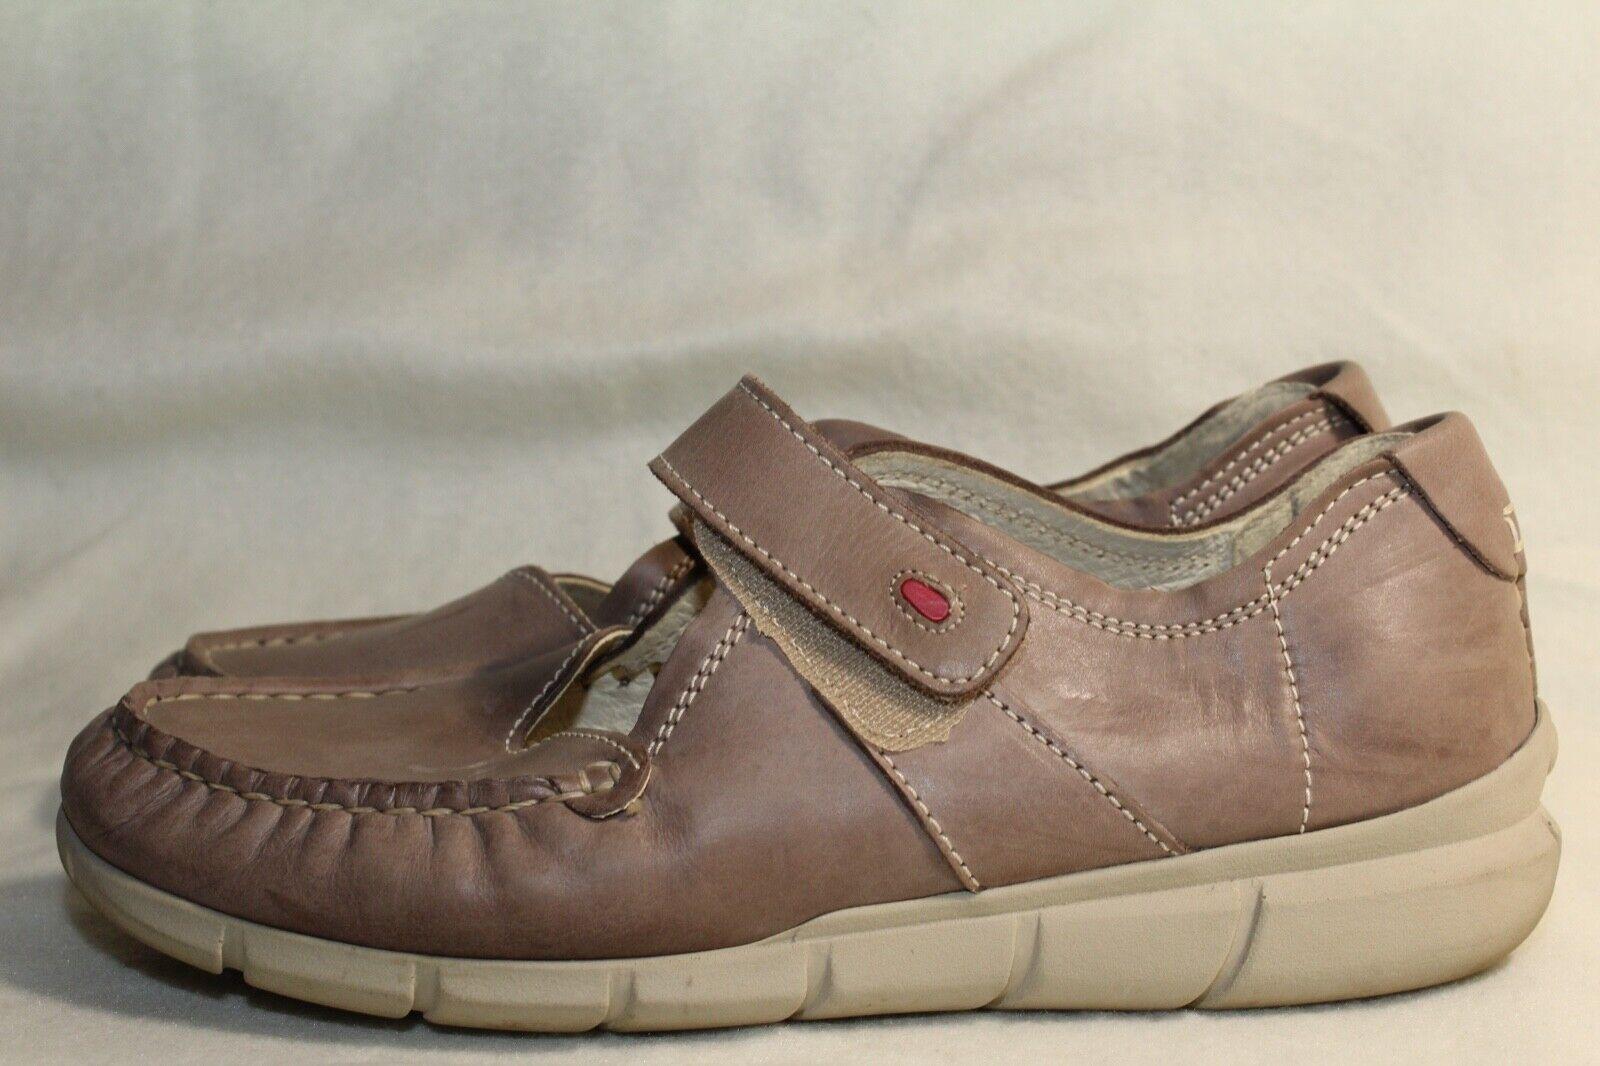 Wolky Damen Schuhe Sandale Turnschuhe Ballerinas Gr. 41